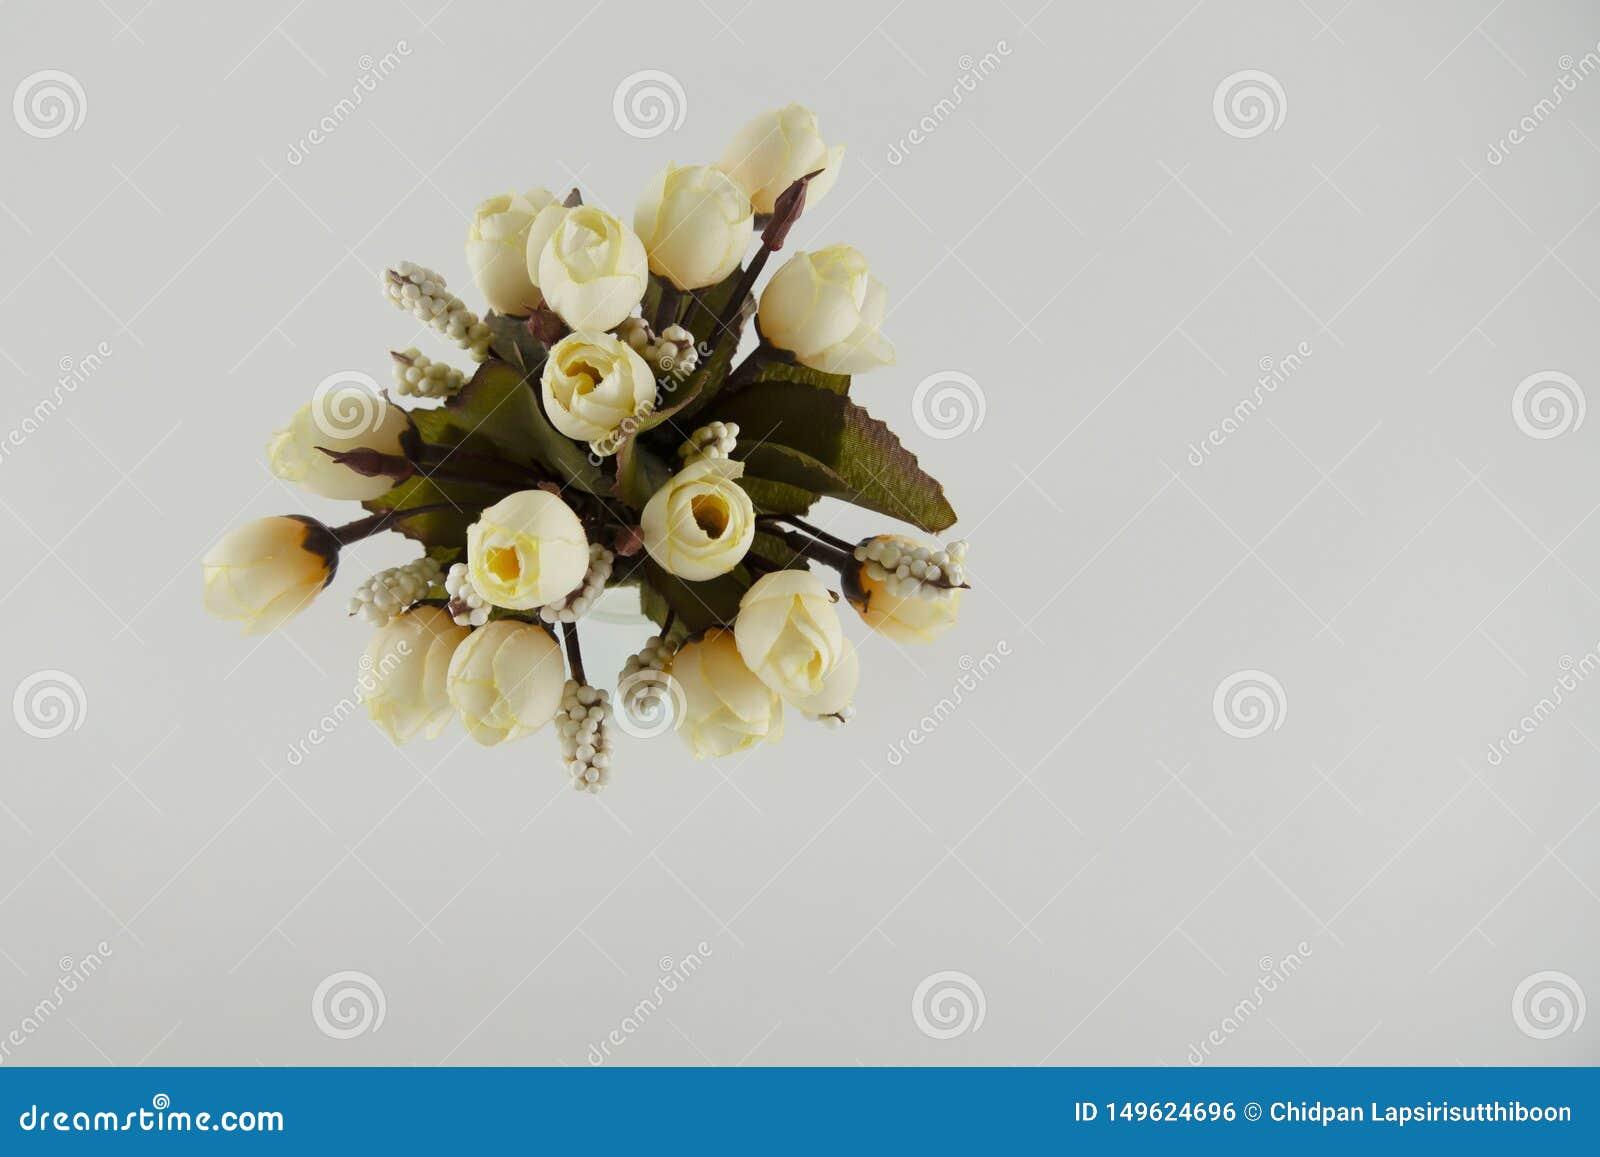 Ανοικτό κίτρινο πλαστικά λουλούδια σε ένα βάζο γυαλιού